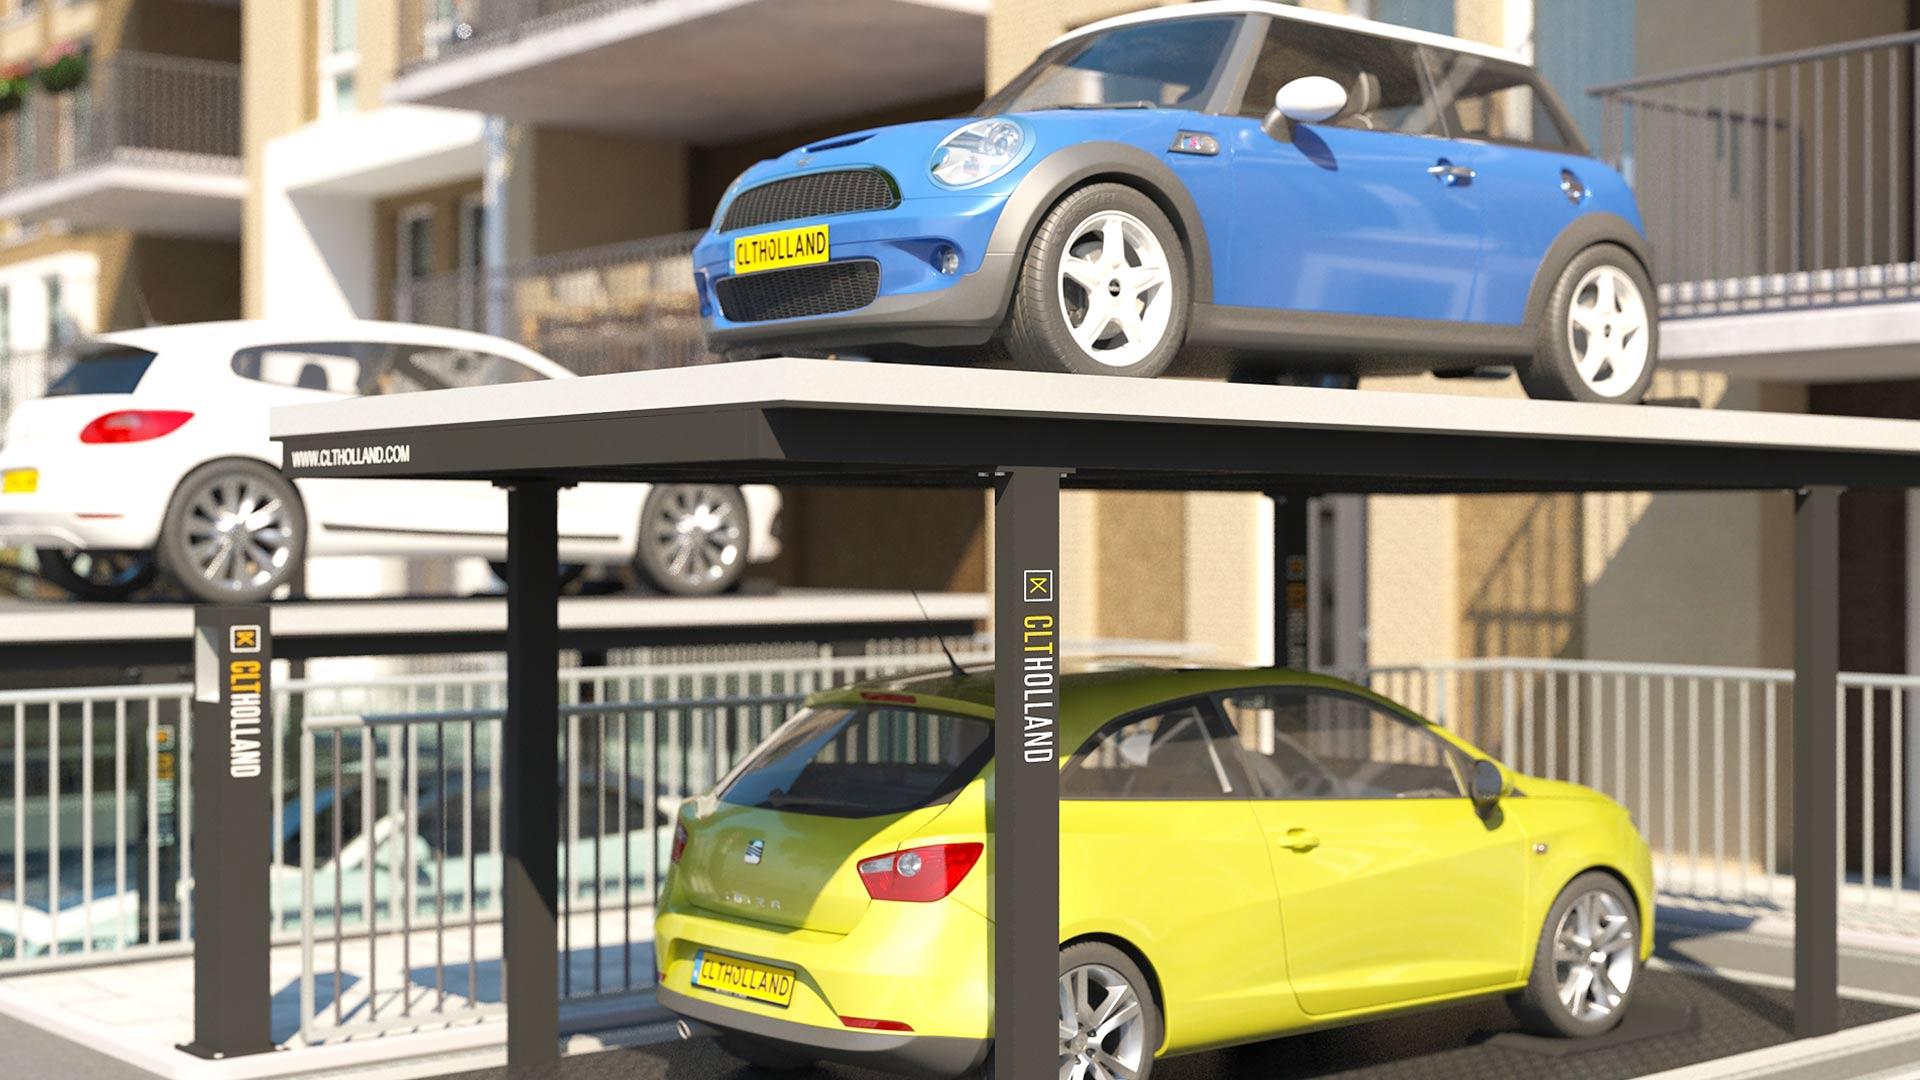 CLT Holland projectbouw - Meerdere Down Parkers naast elkaar bij nieuwbouw project met beperkte parkeermogelijkheden